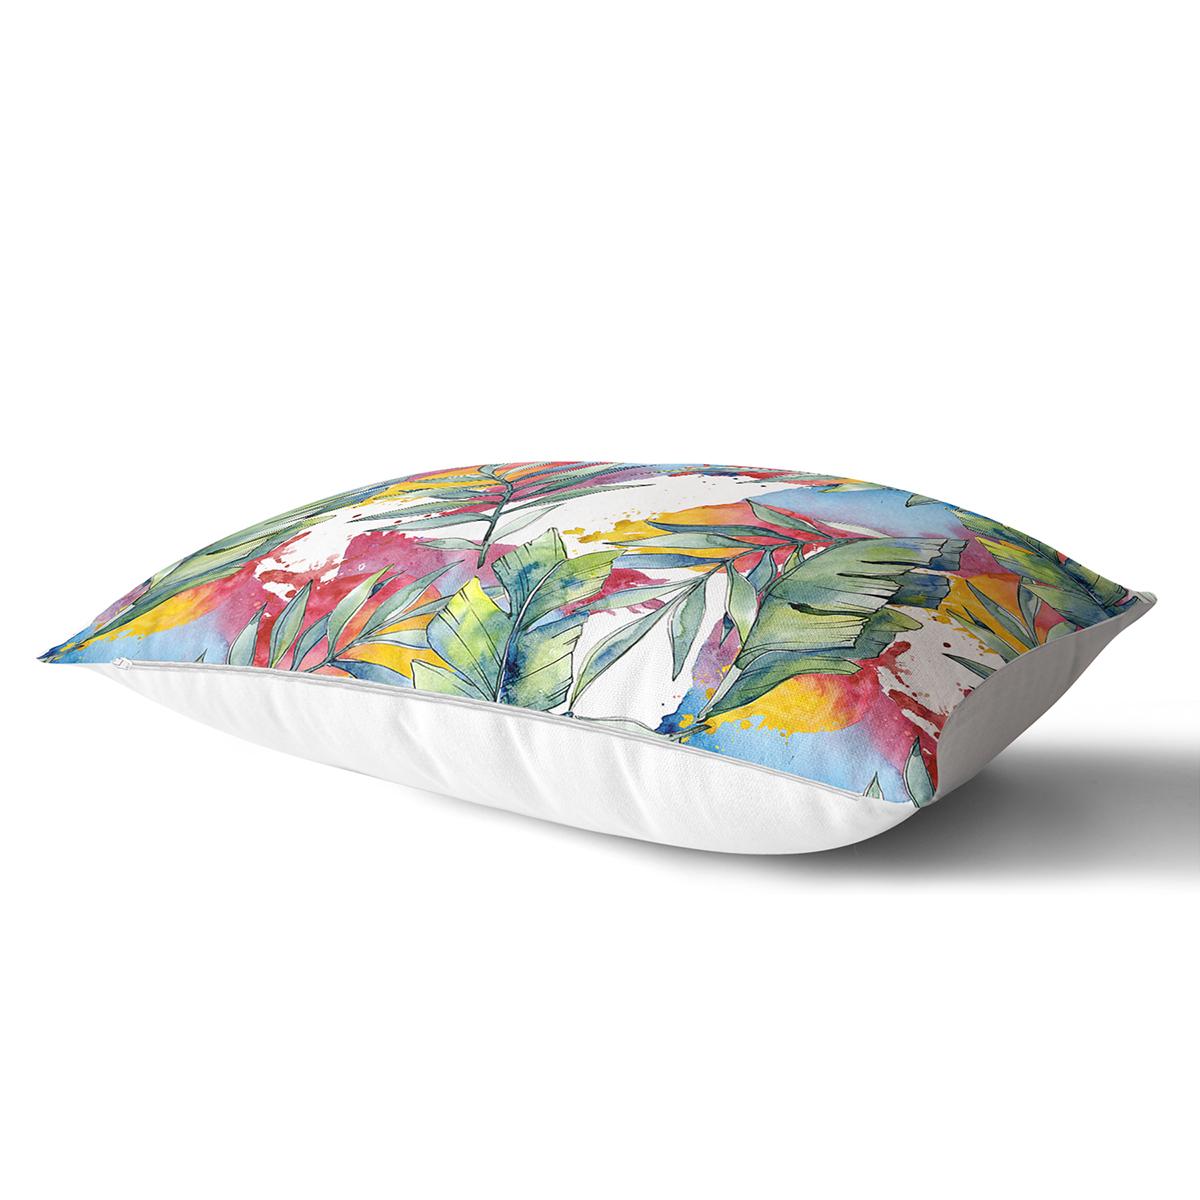 Beyaz Zemin Üzerinde Yaprak Desenli Dijital Baskılı Modern Dikdörtgen Yastık Kırlent Kılıfı Realhomes